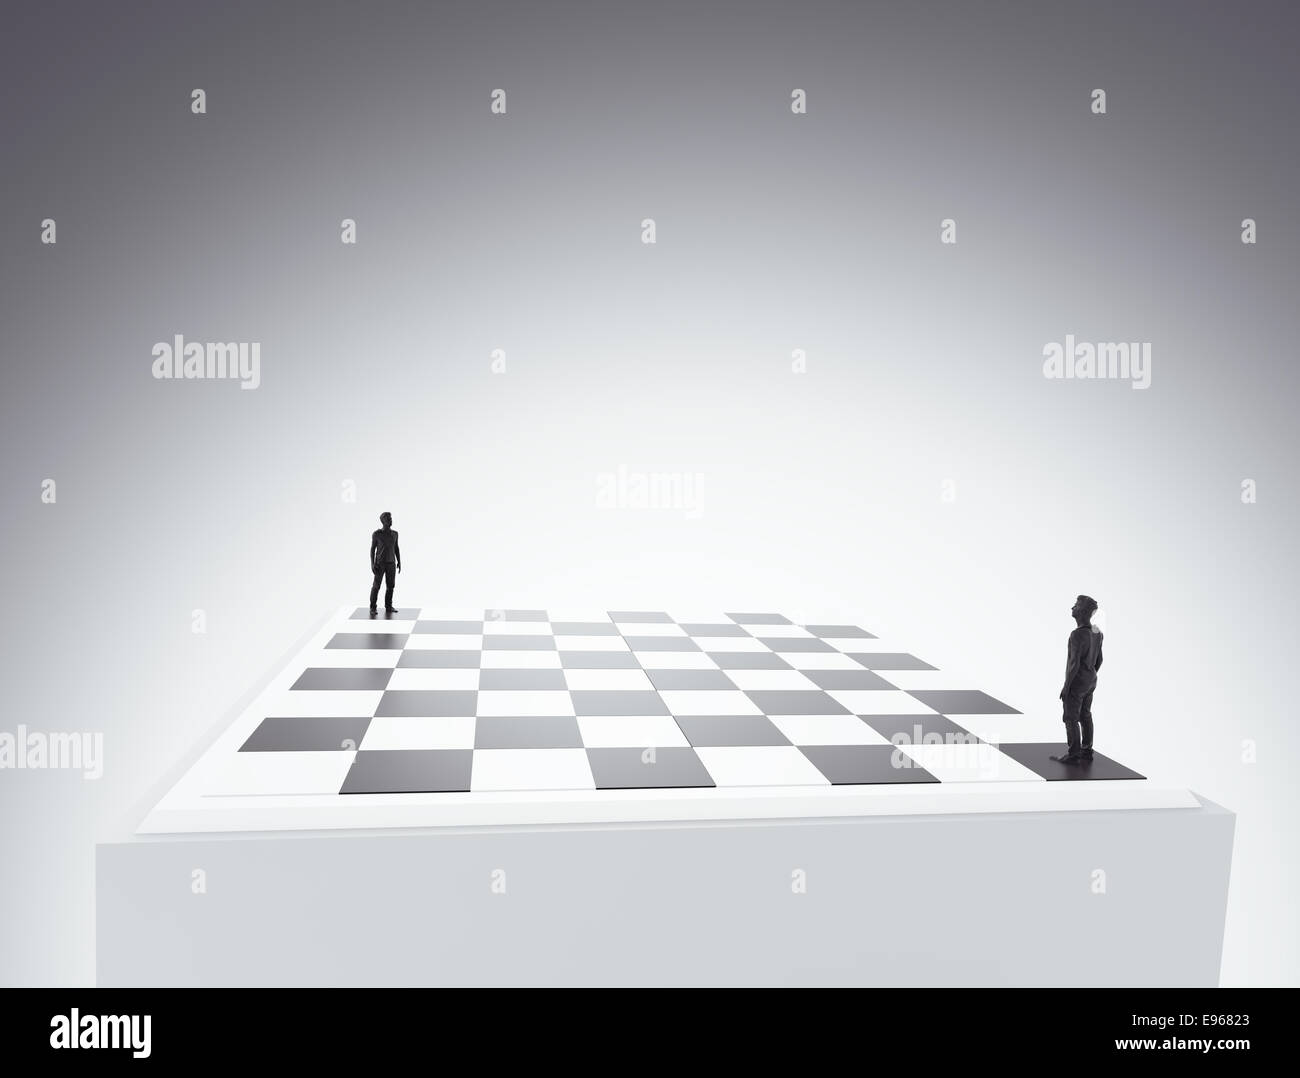 Due piccole figure in piedi su una scacchiera - conflitto e il concetto di concorrenza illustrazione Immagini Stock